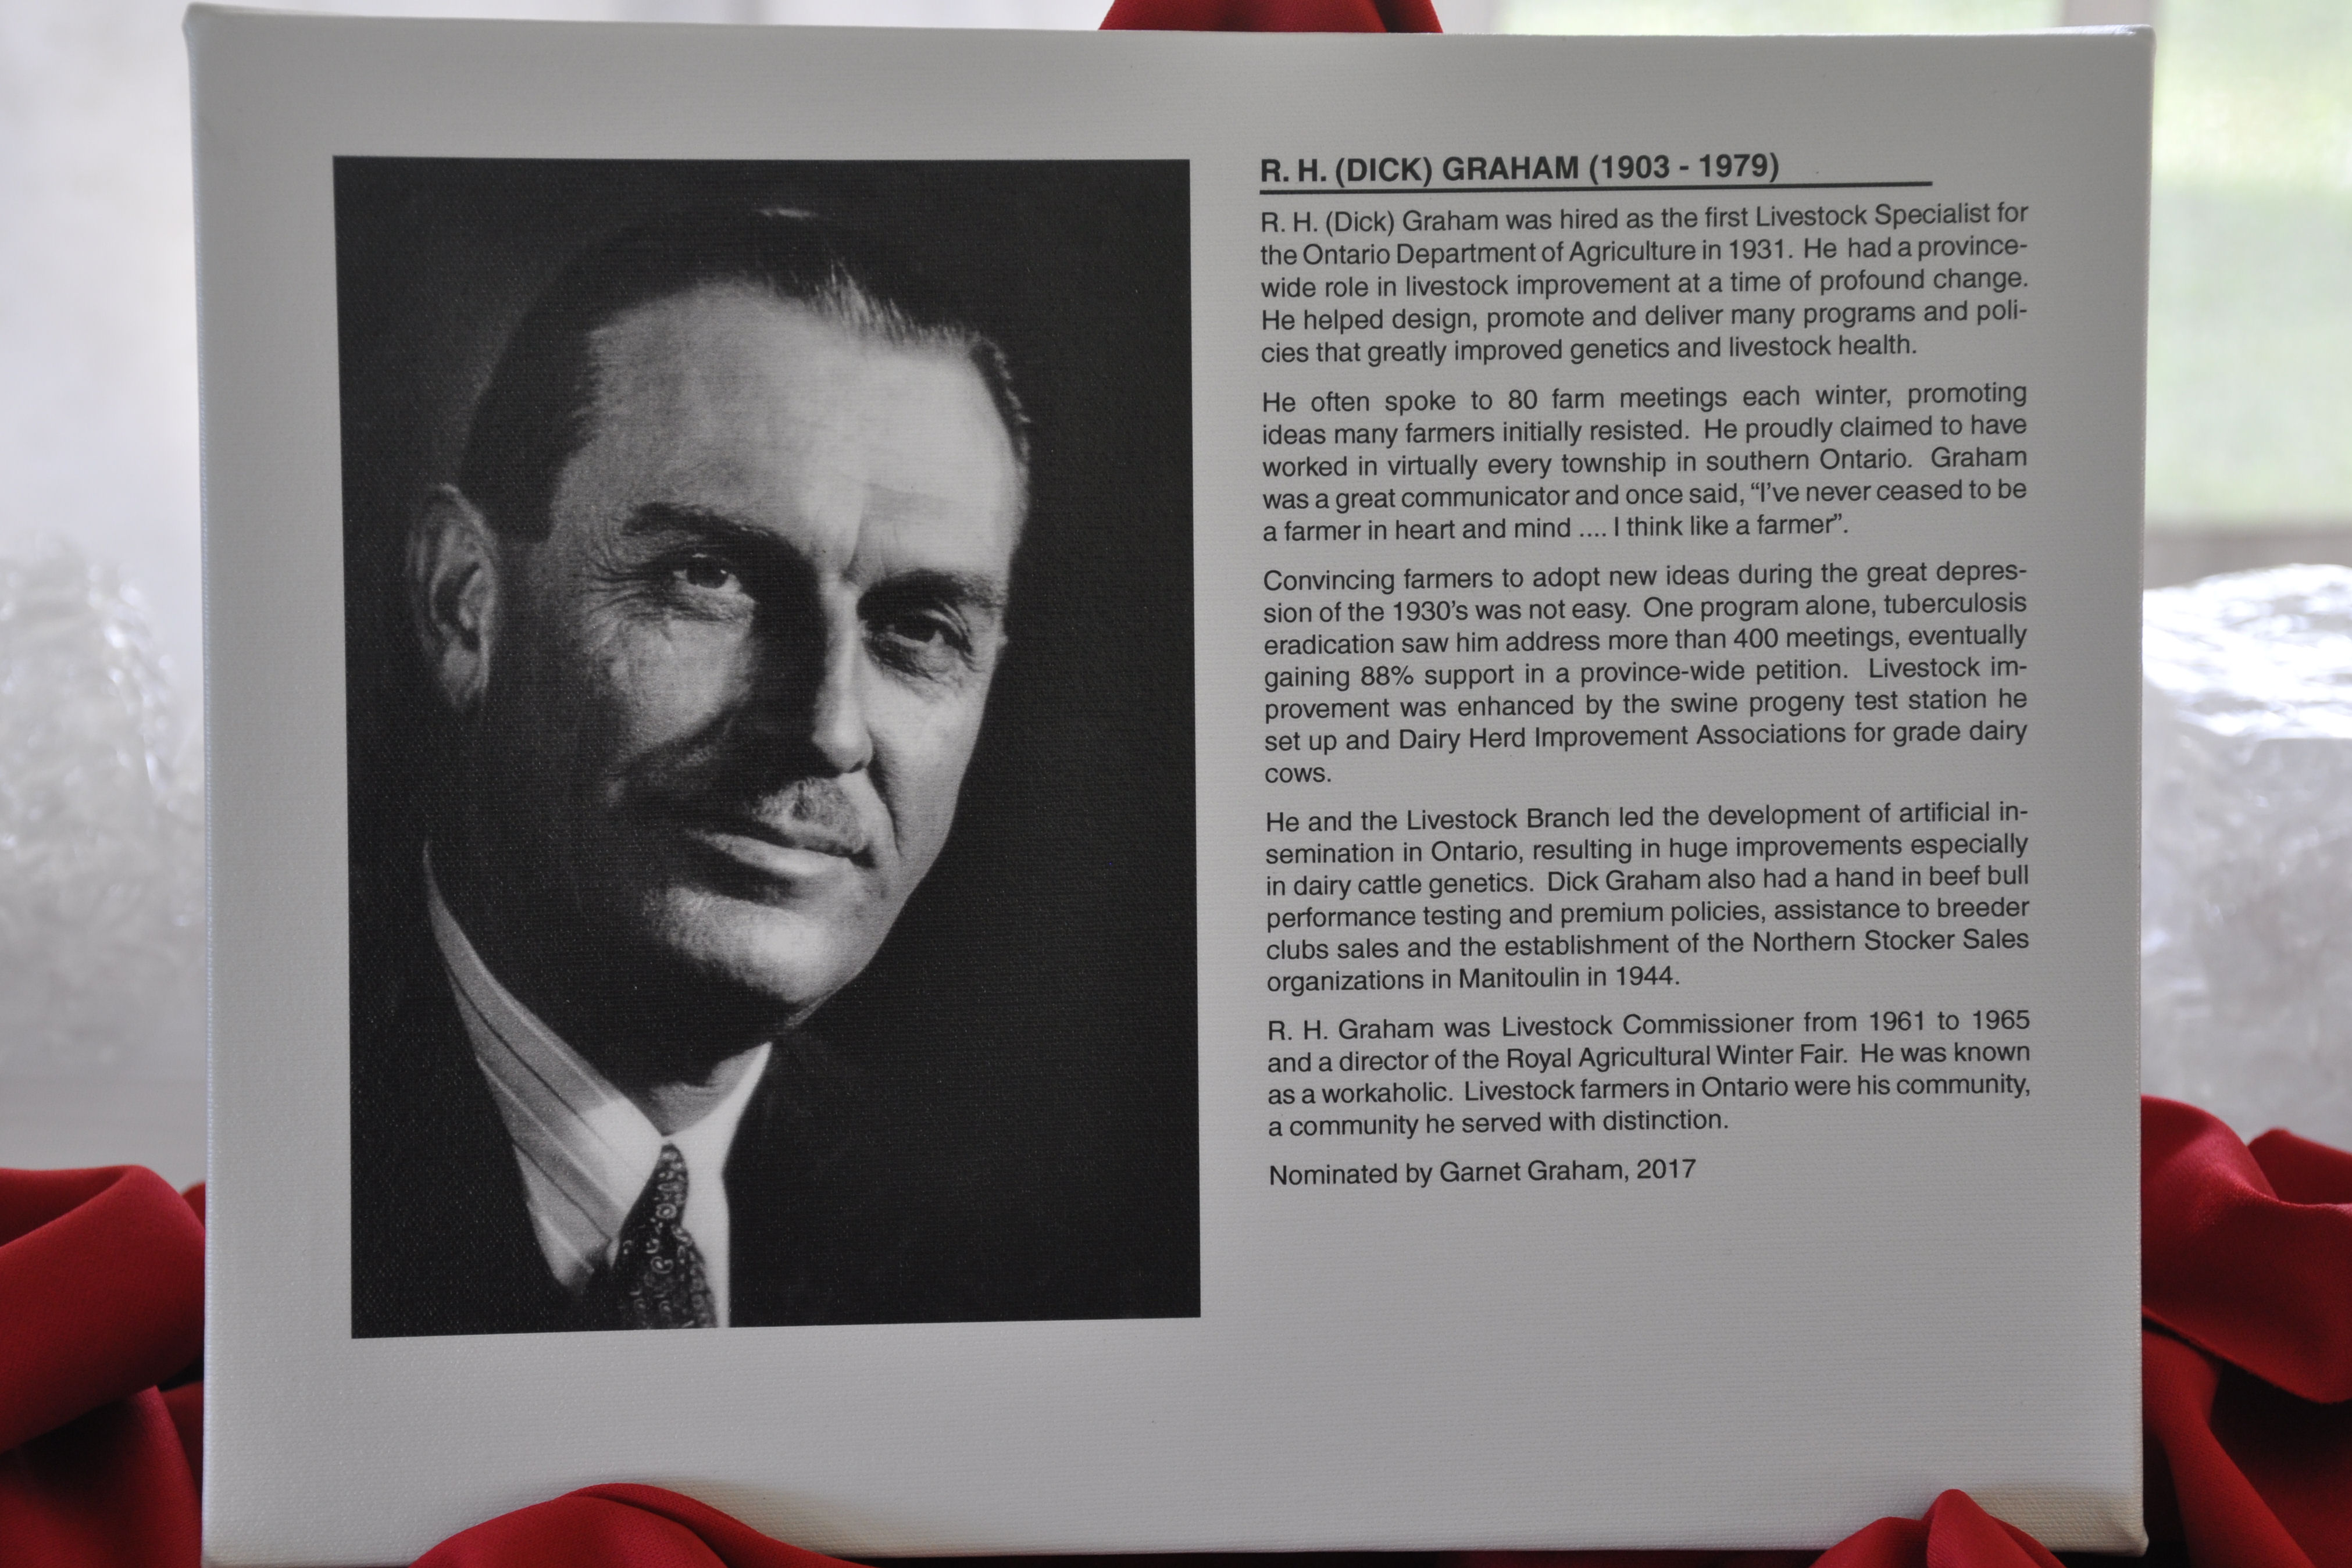 R.H. Dick Graham